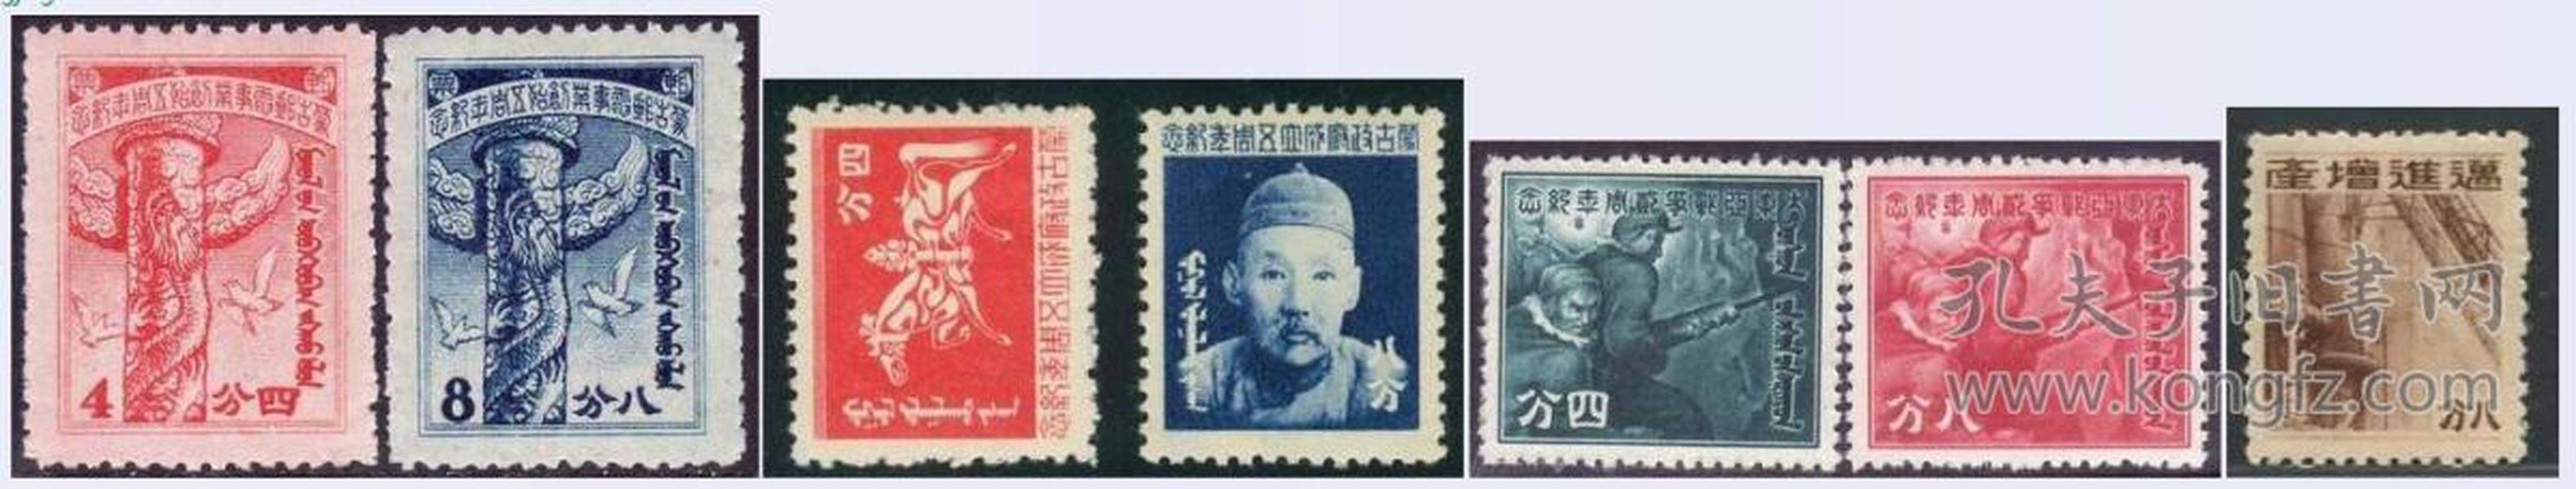 蒙疆纪念邮票纪1纪2纪3纪4共计4套上品